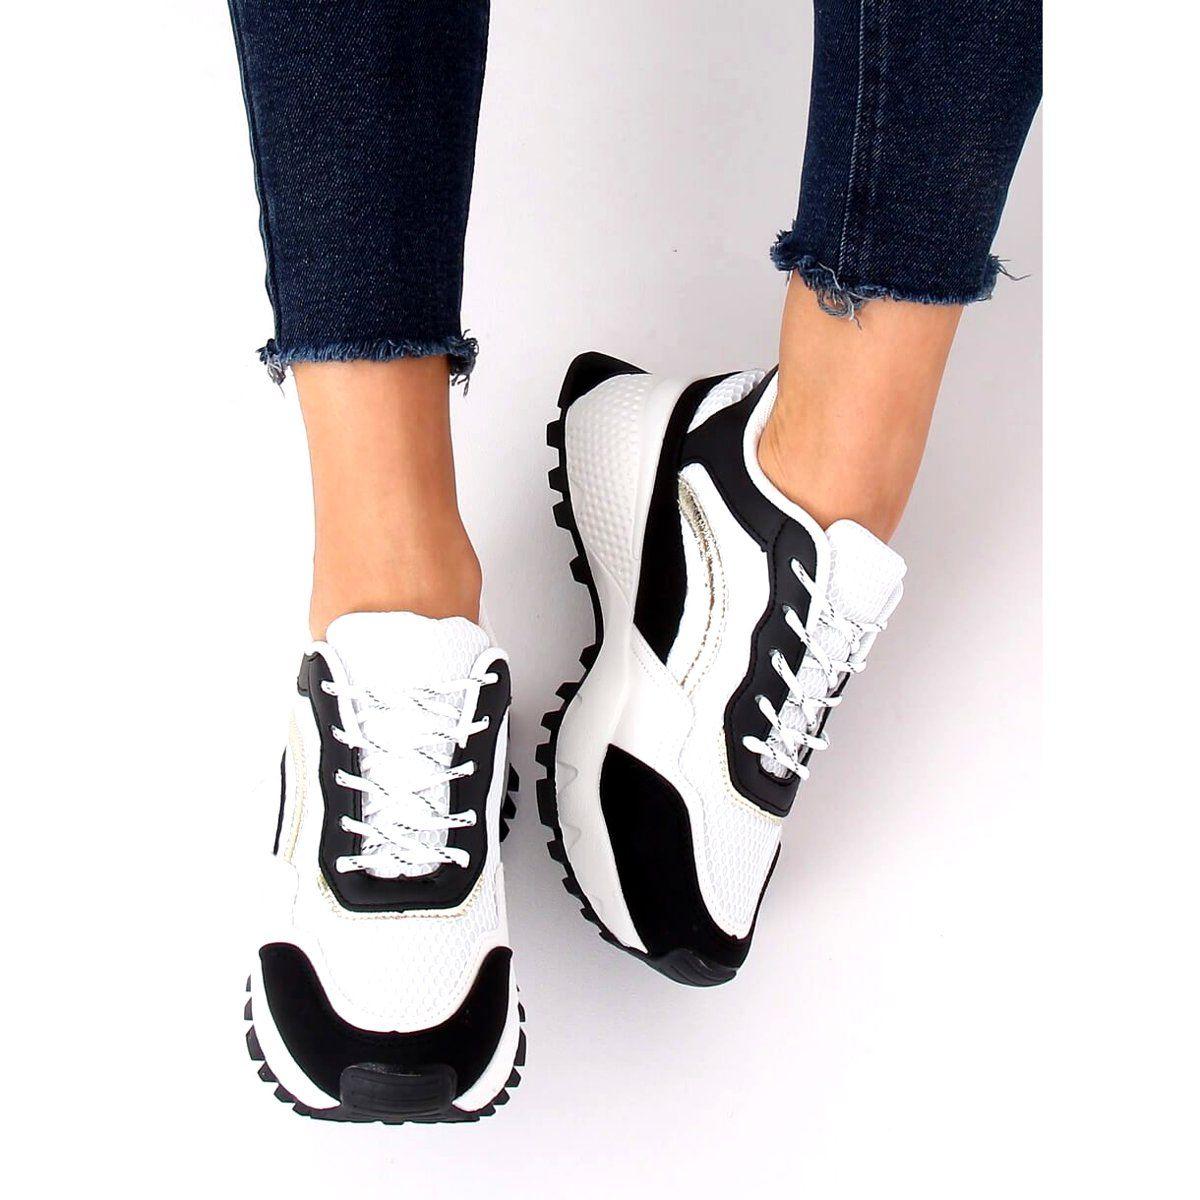 Buty Sportowe Bialo Czarne La87p Black Biale Air Max Sneakers Nike Air Max Sneakers Nike